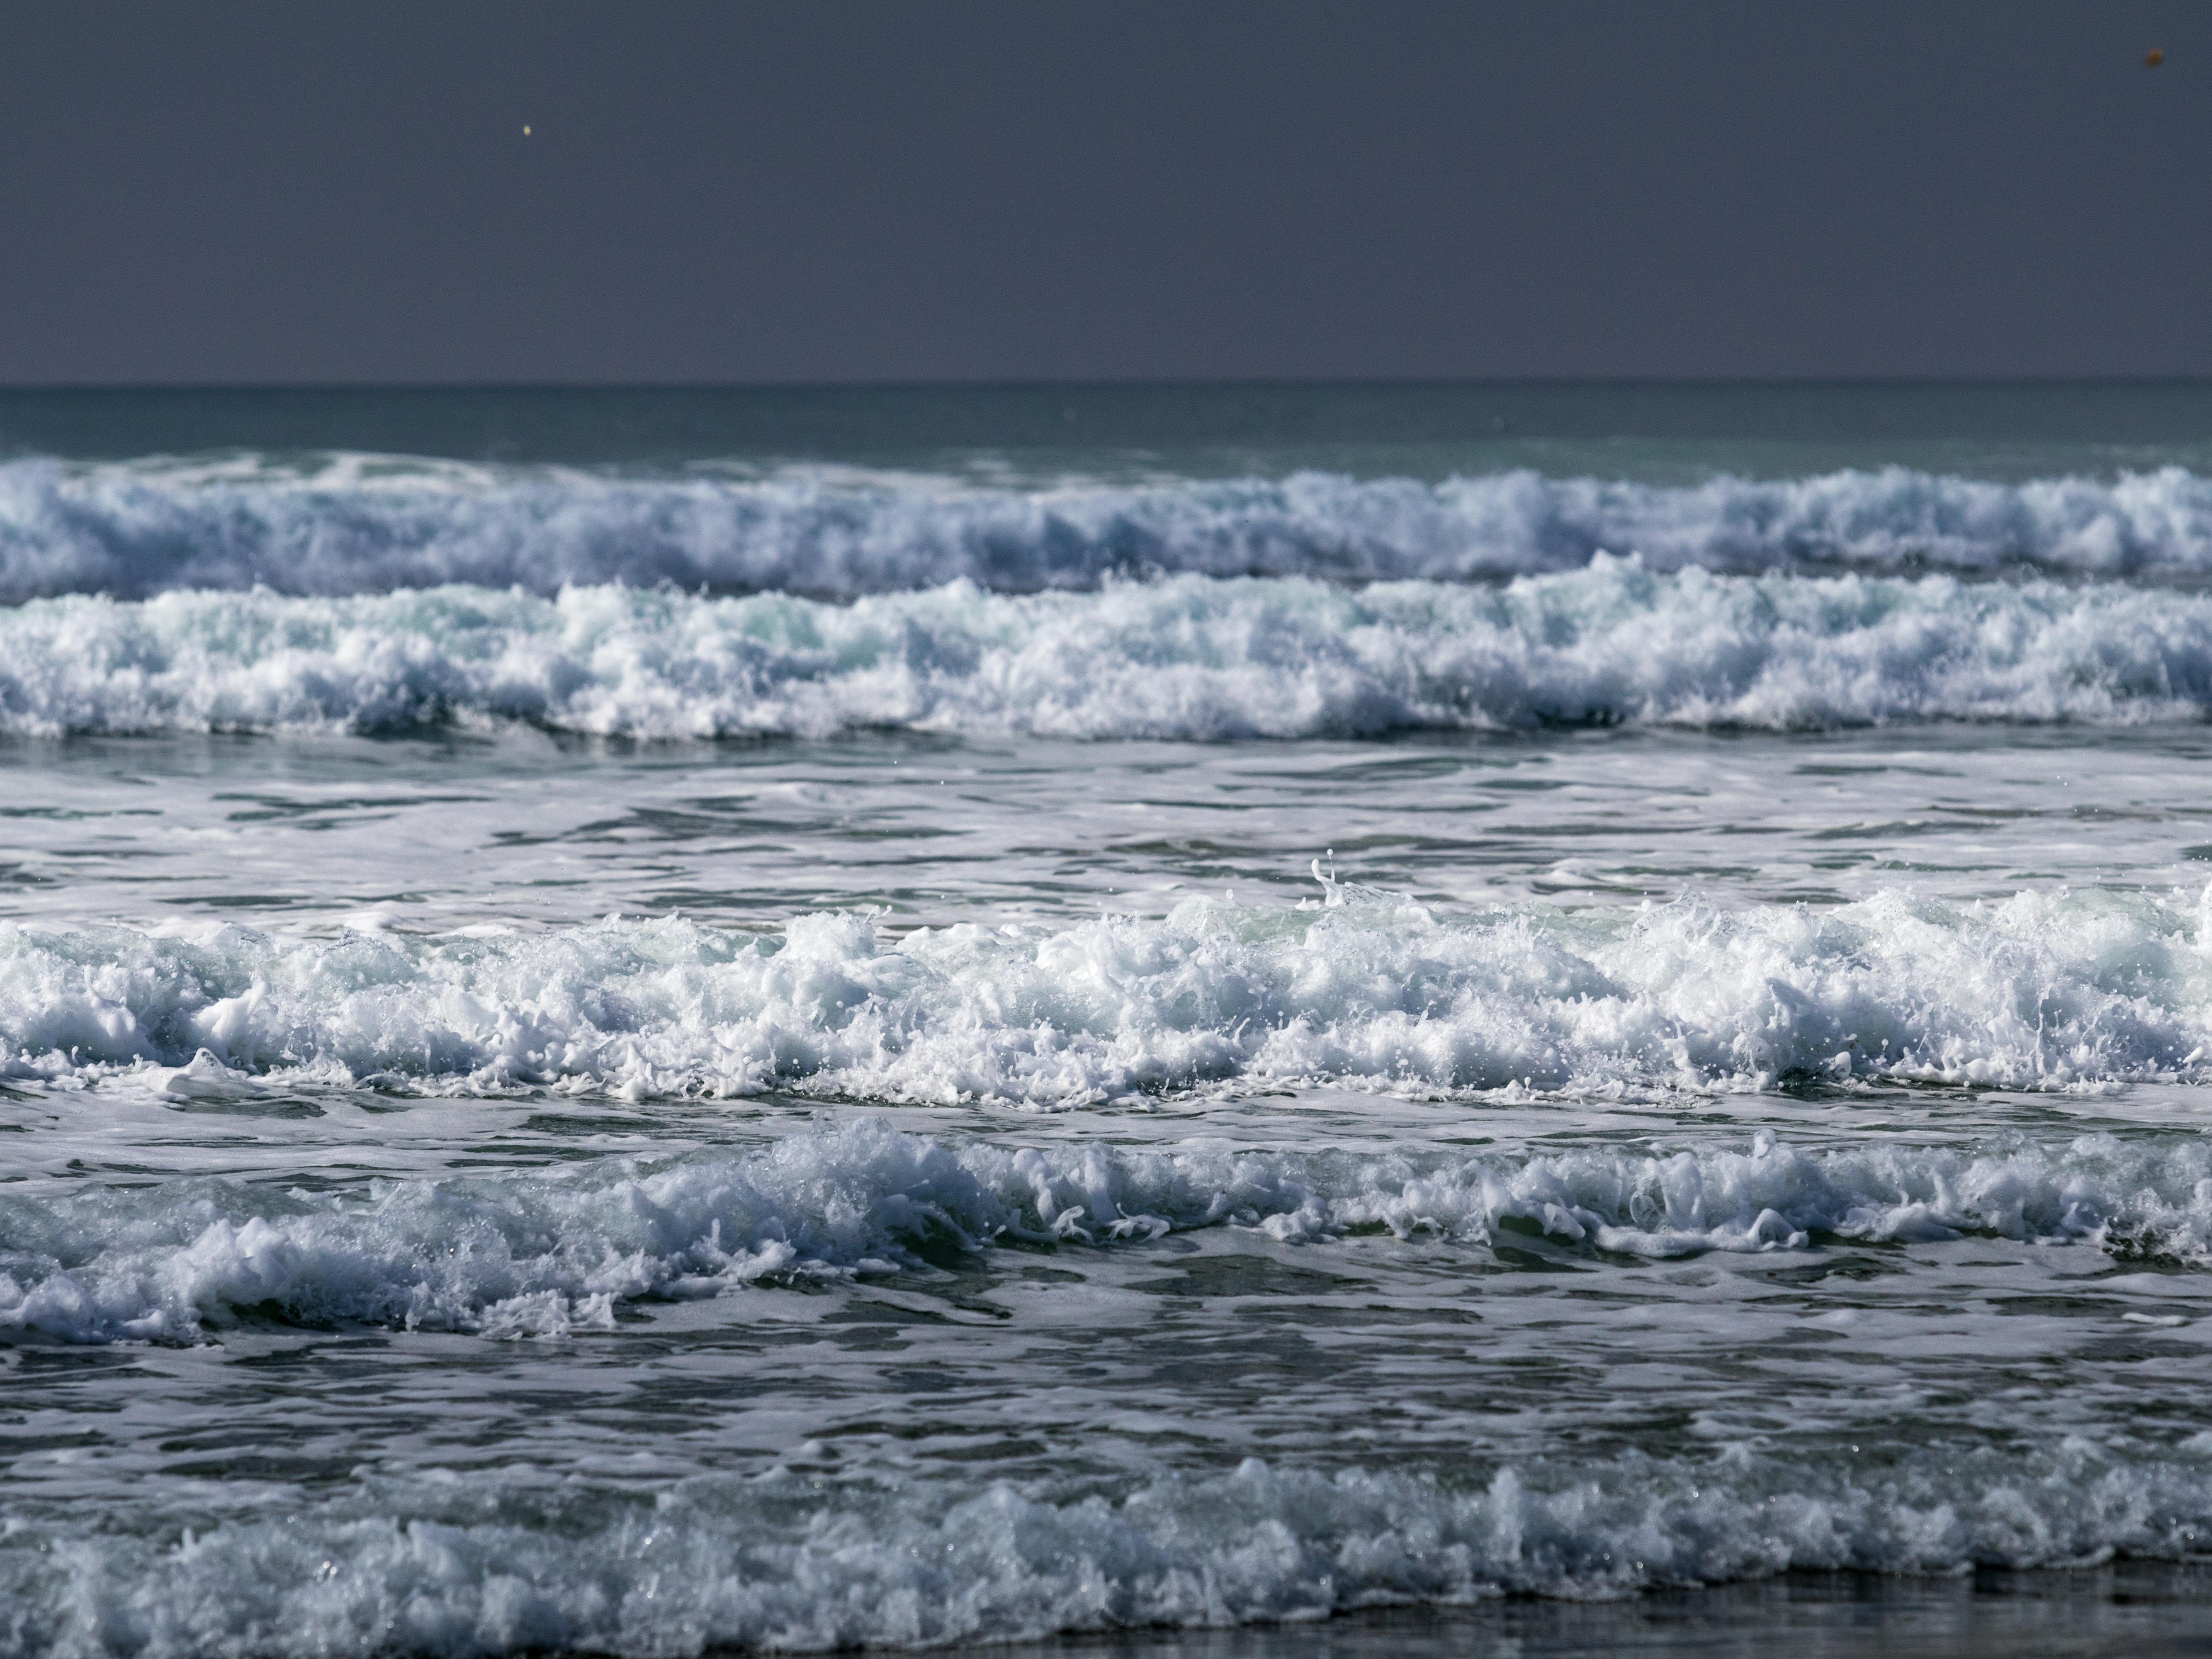 water foam near beach